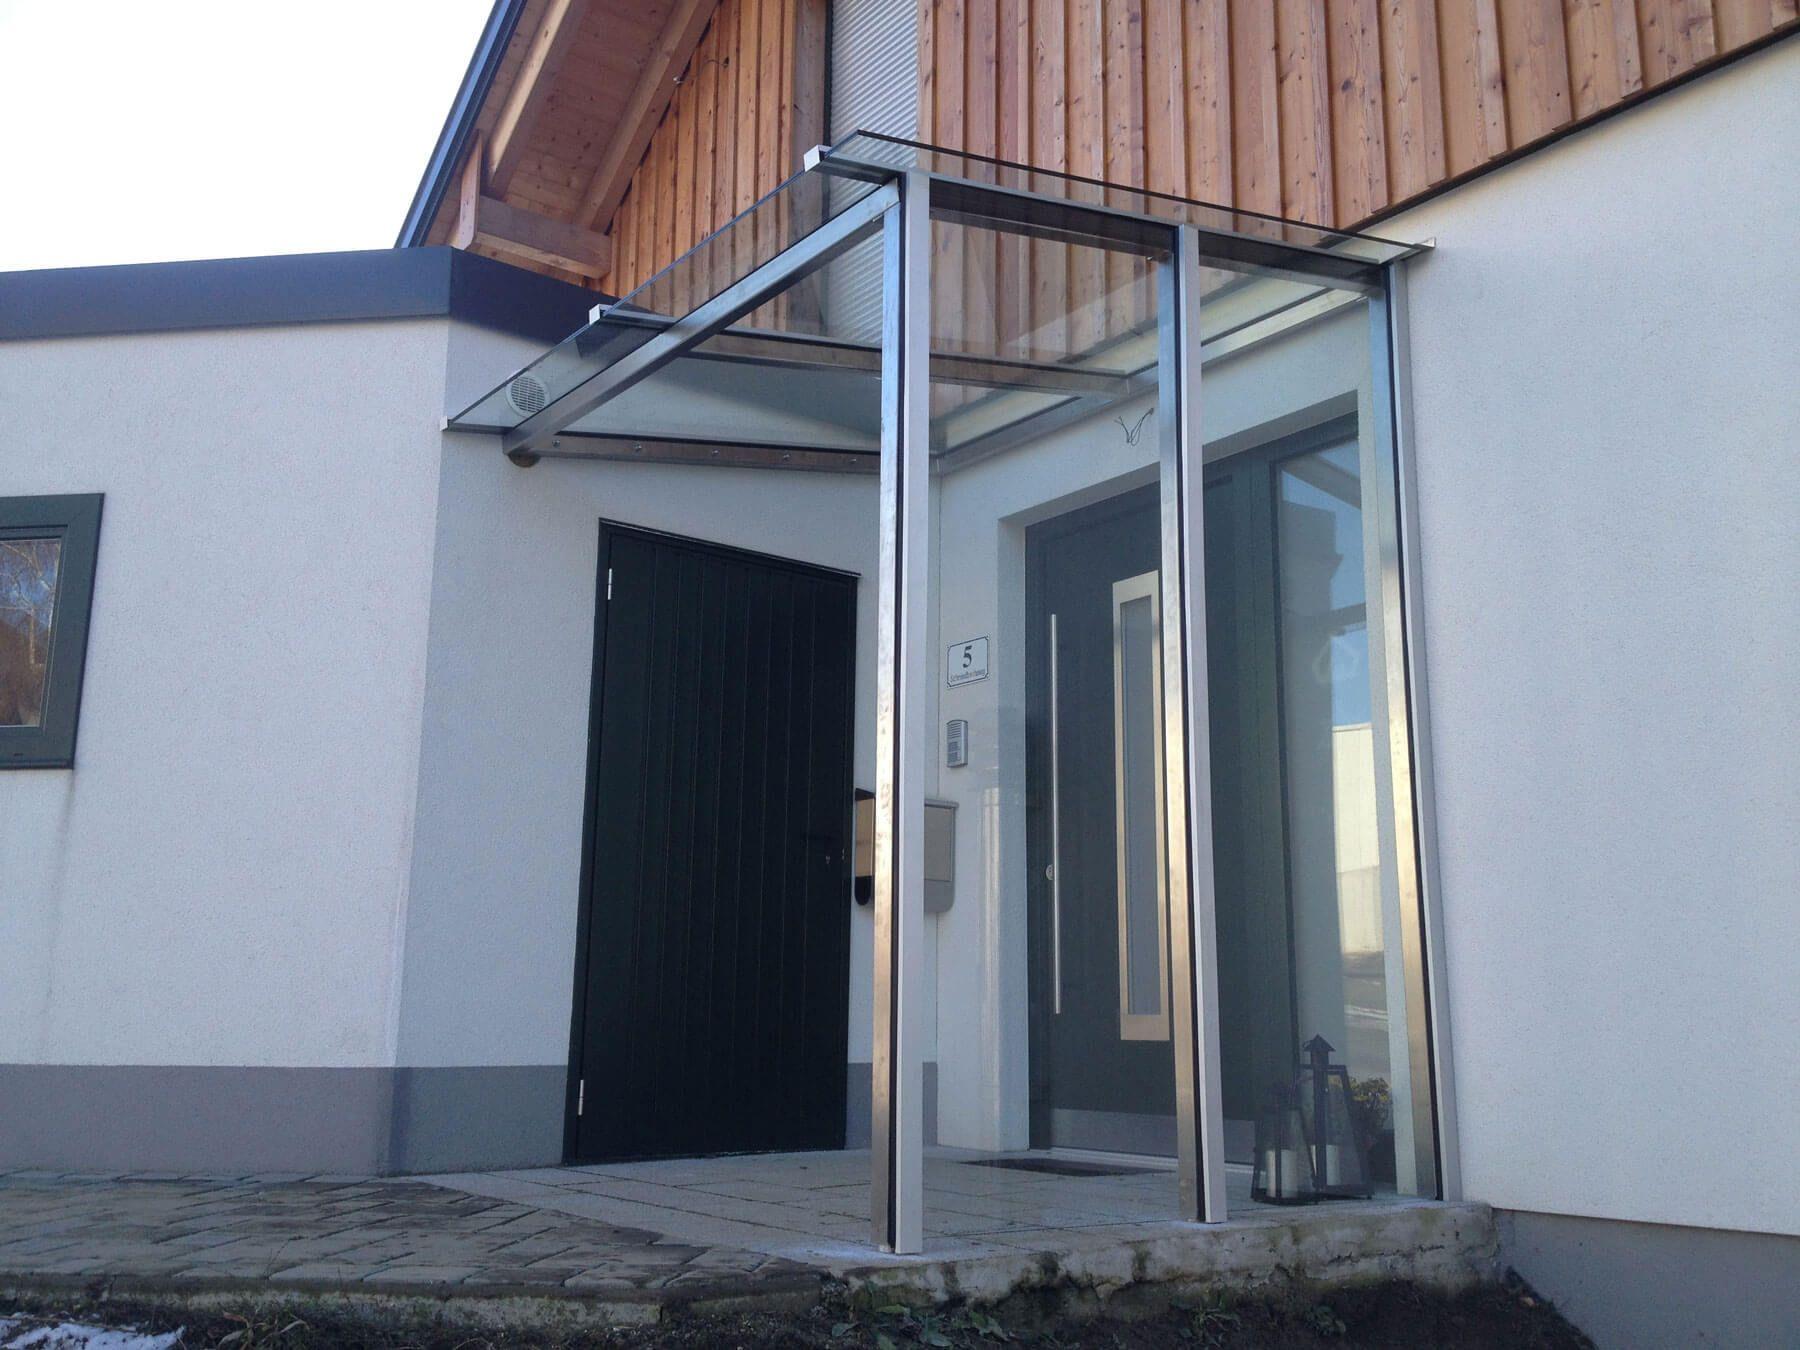 Mehrere Balkonverglasungen für ein Einfamilienhaus